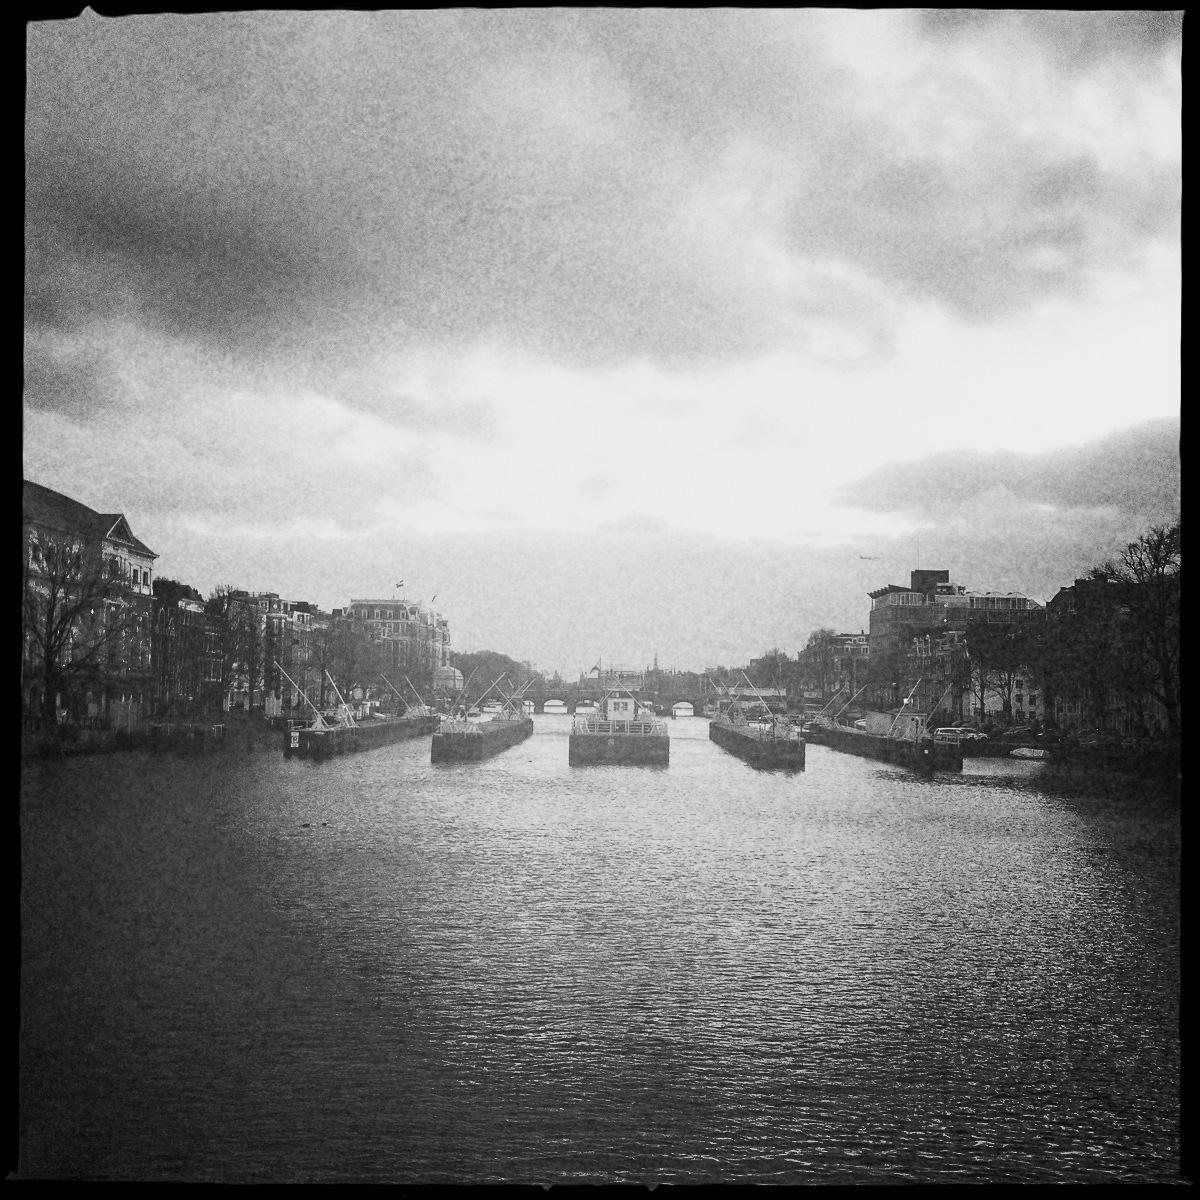 Die Amstel in Amsterdam mit der alten Schleuse und dem Amstel Hotel